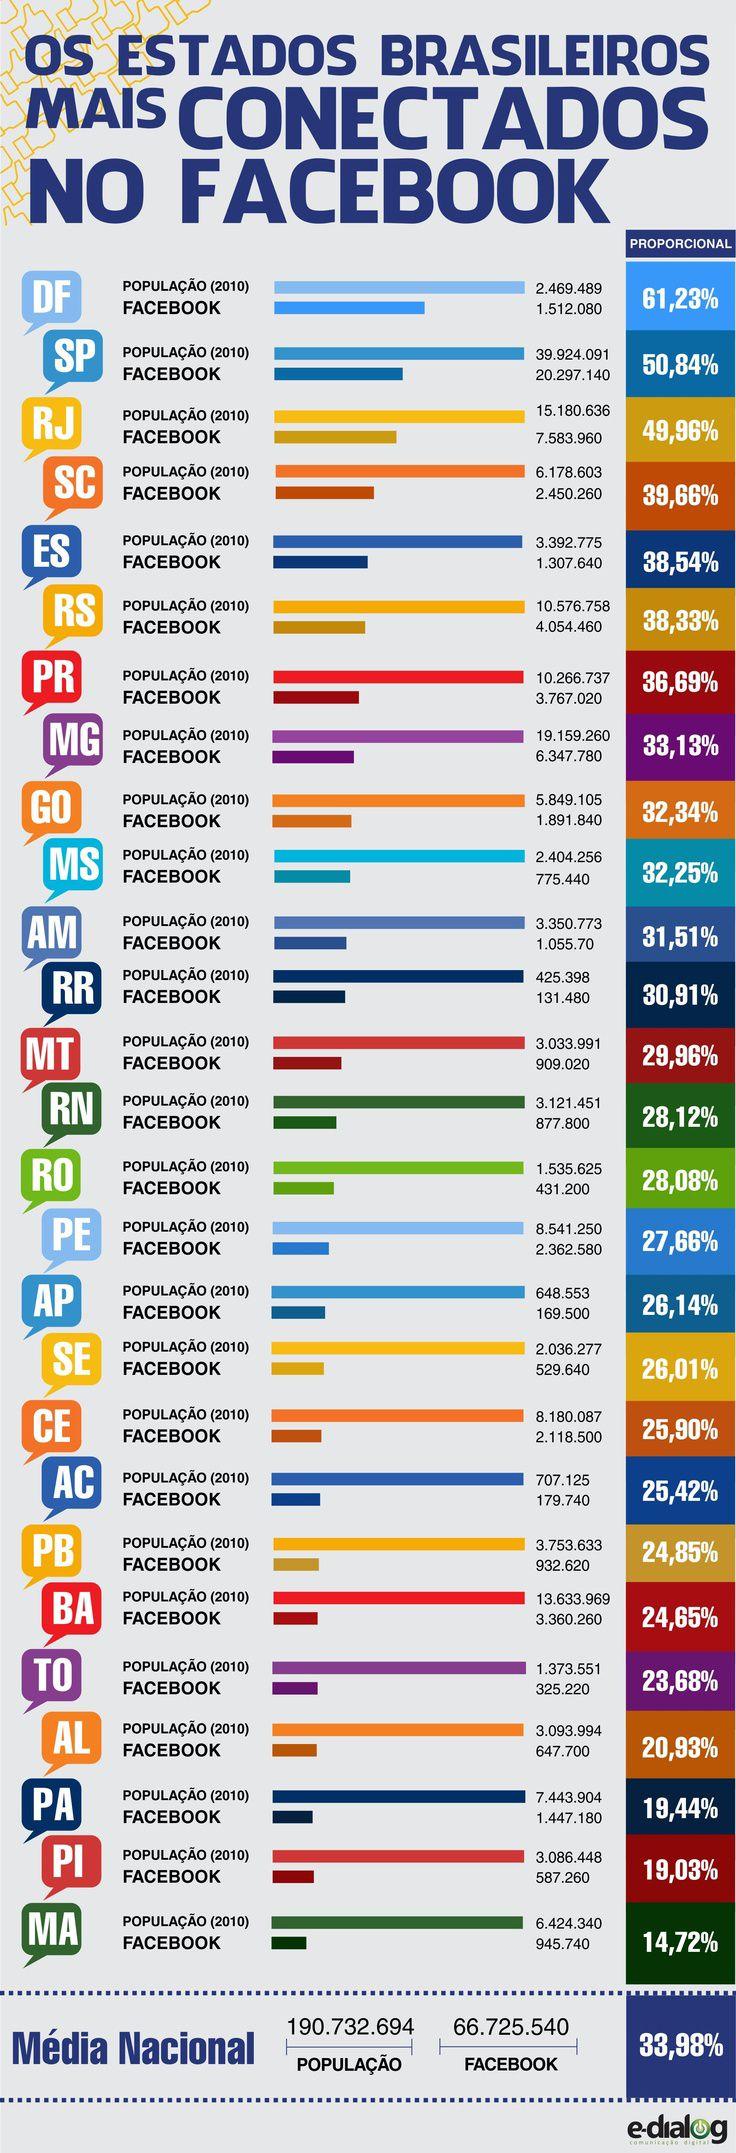 Veja quais estados brasileiros estão mais representados no #Facebook #Infographic #SocialMedia